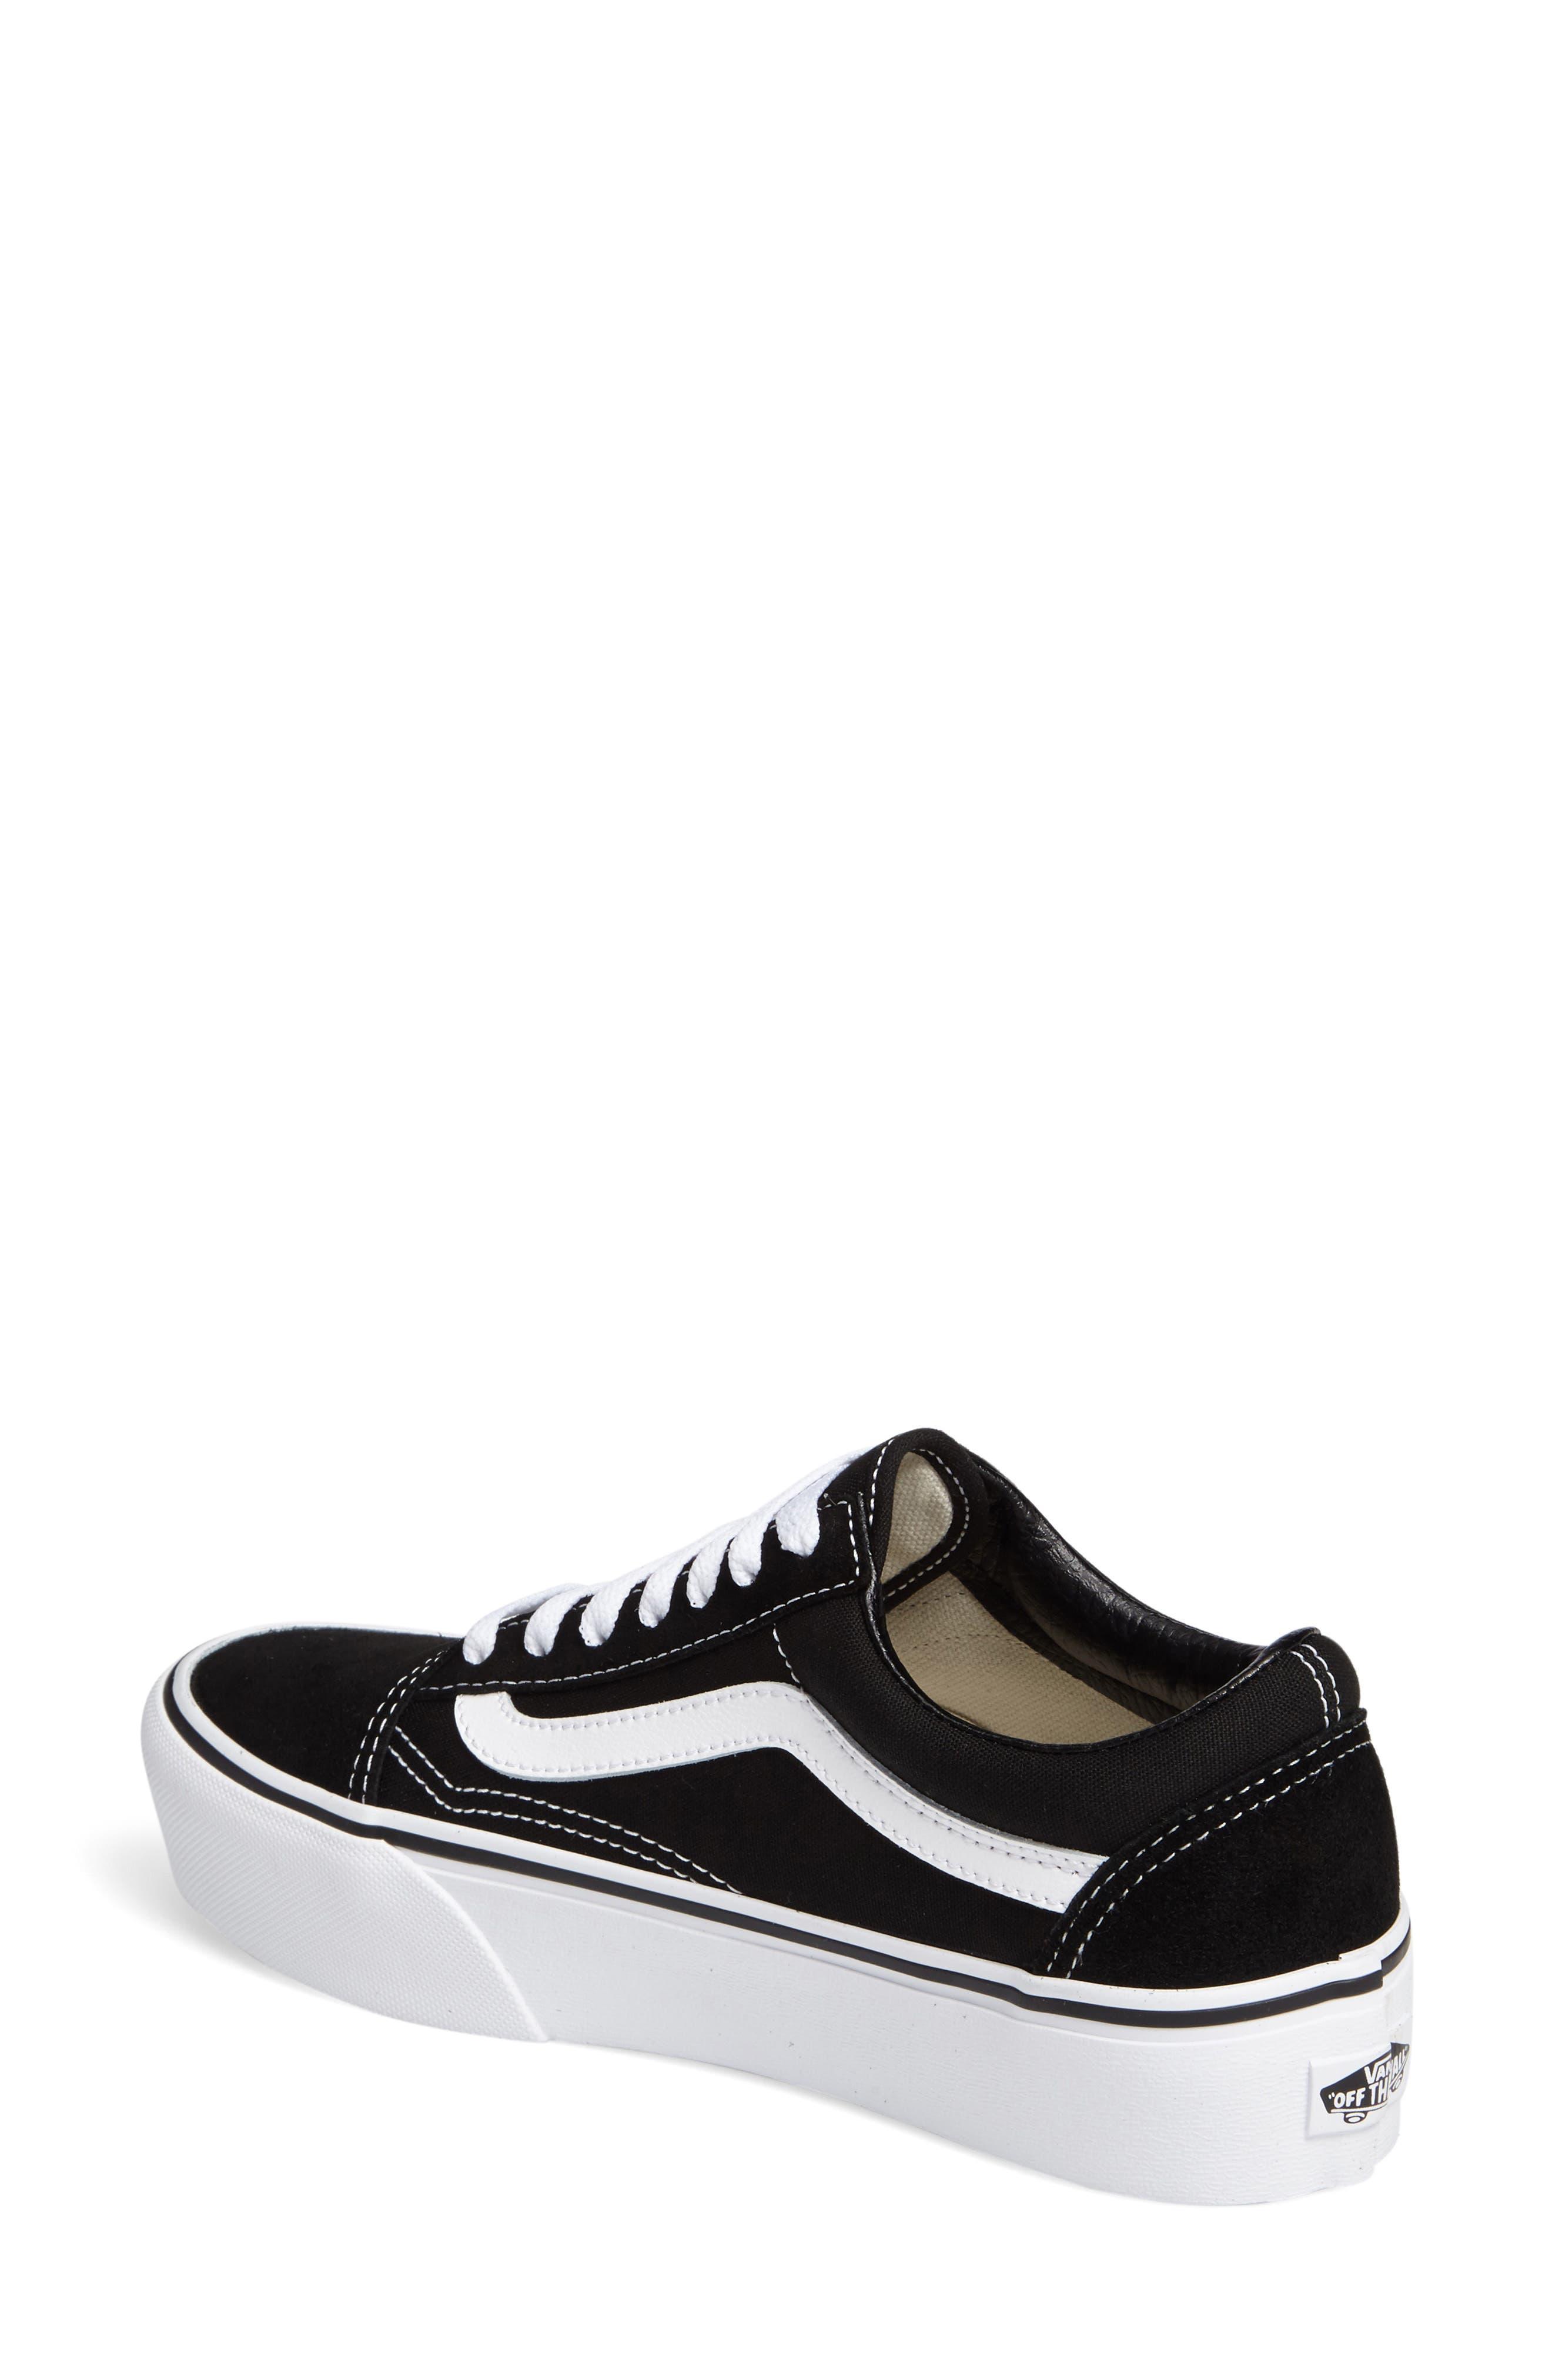 VANS, Old Skool Platform Sneaker, Alternate thumbnail 2, color, BLACK/ WHITE